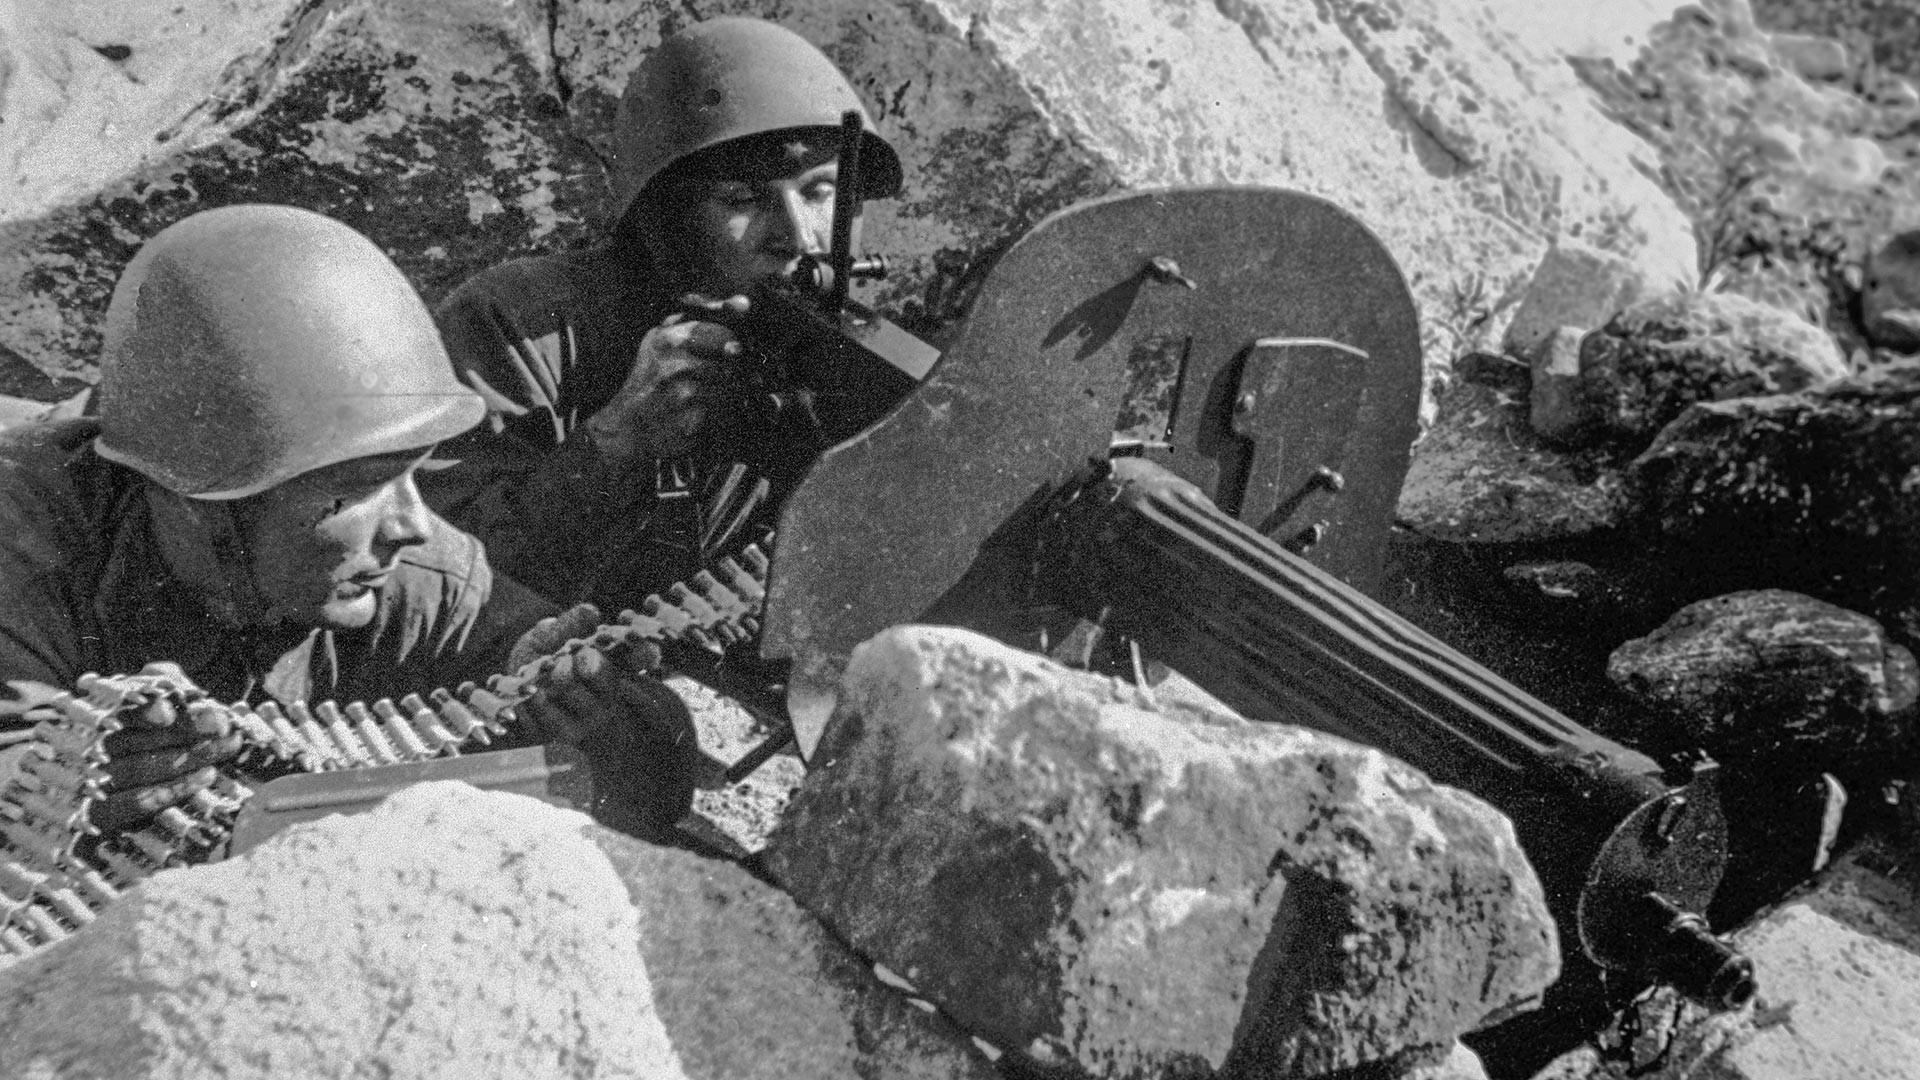 Пулеметчики на огневой позиции в районе Муста‑Тунтури.